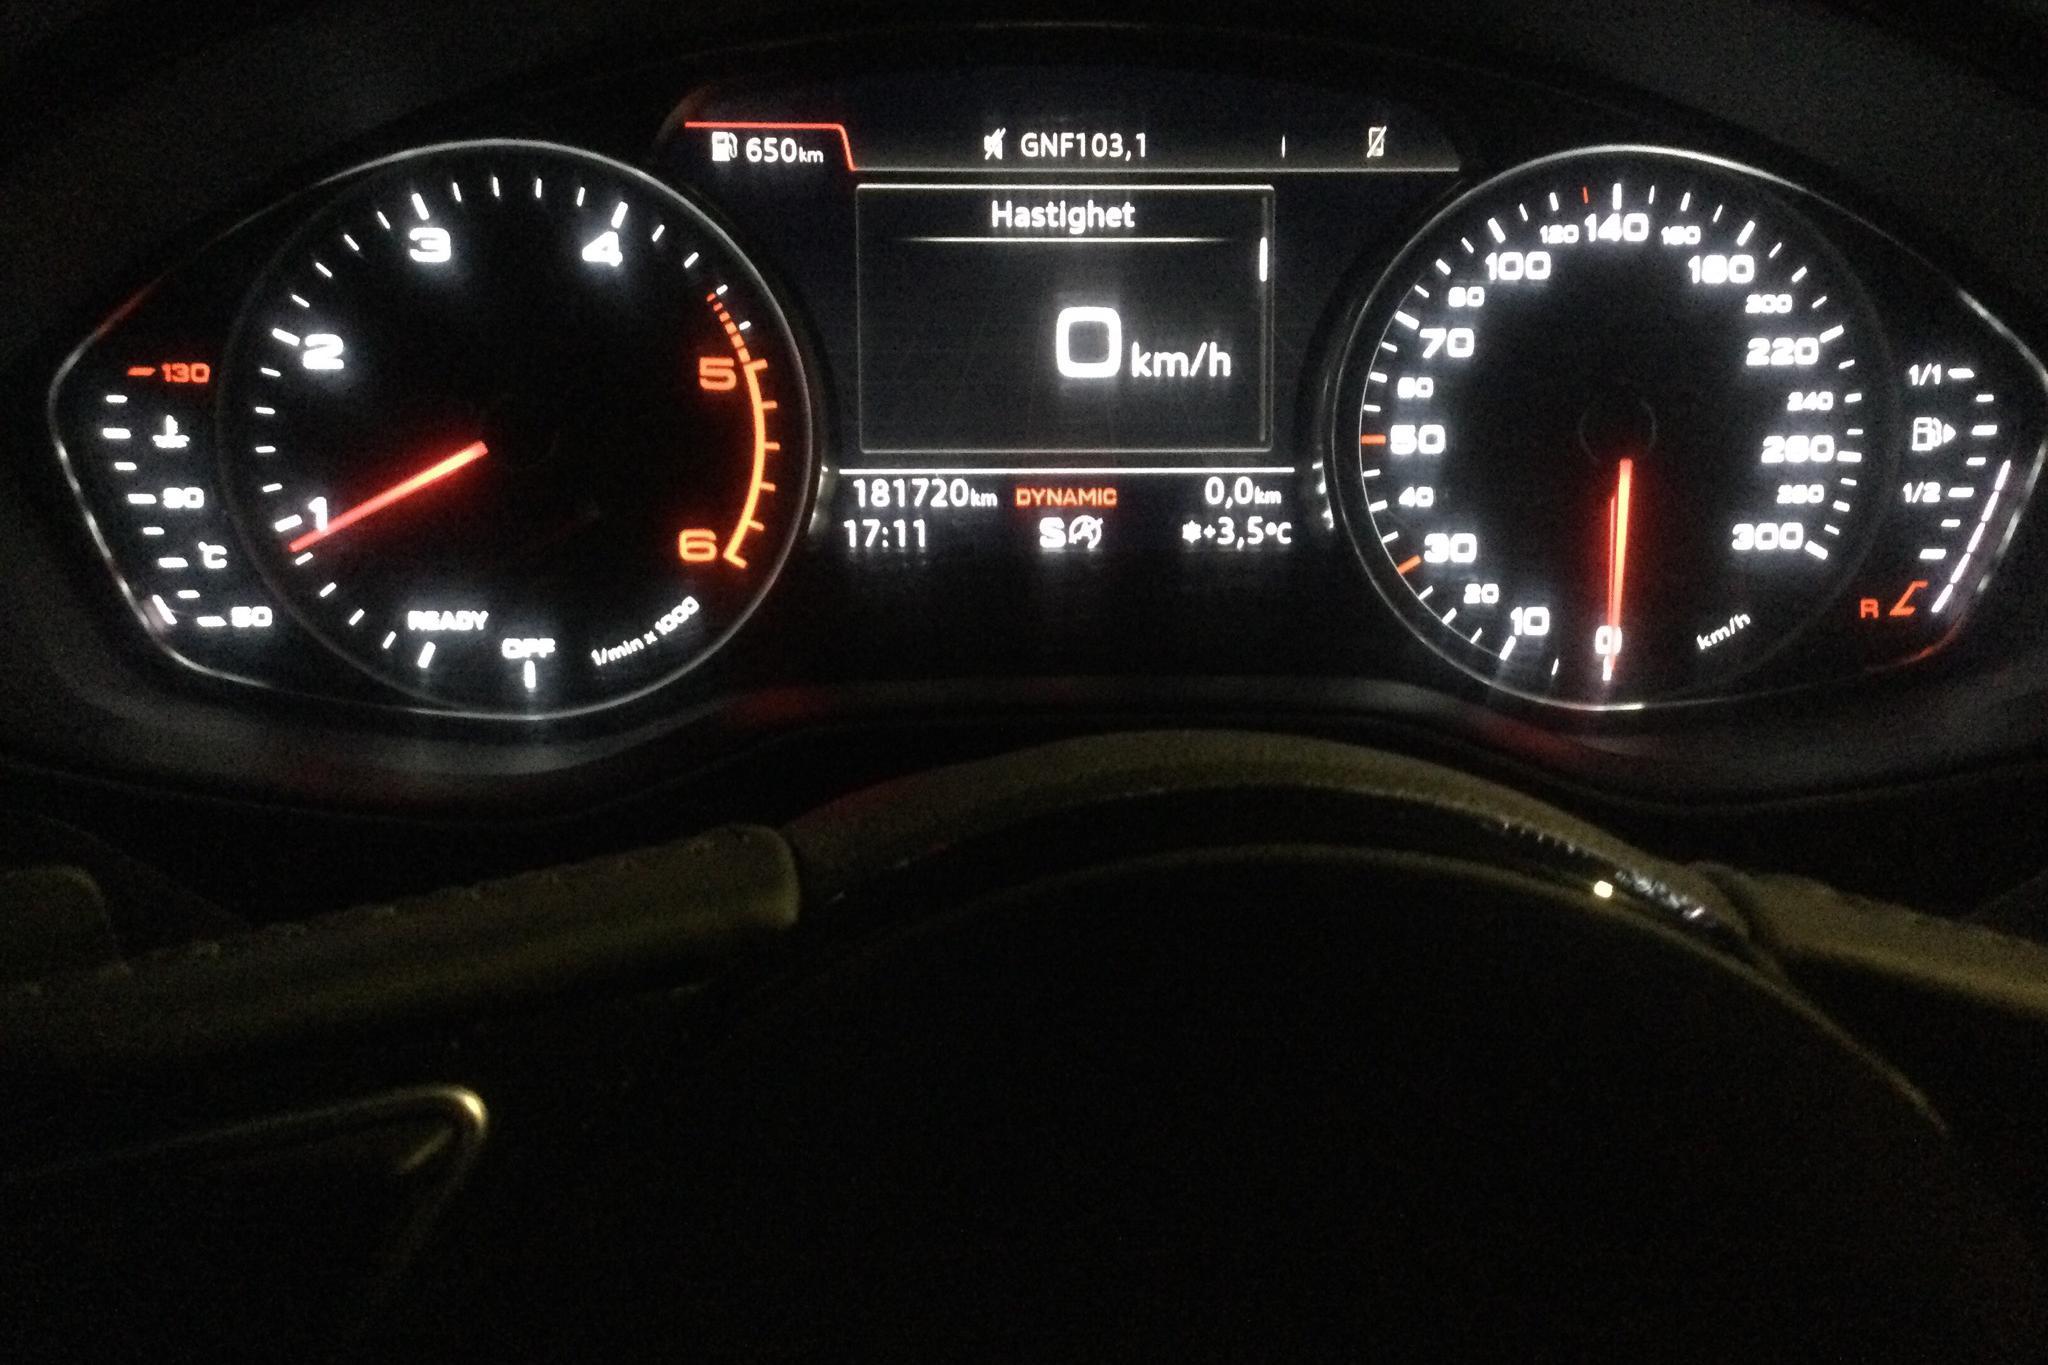 Audi A4 2.0 TDI Avant quattro (190hk) - 18 172 mil - Automat - svart - 2017